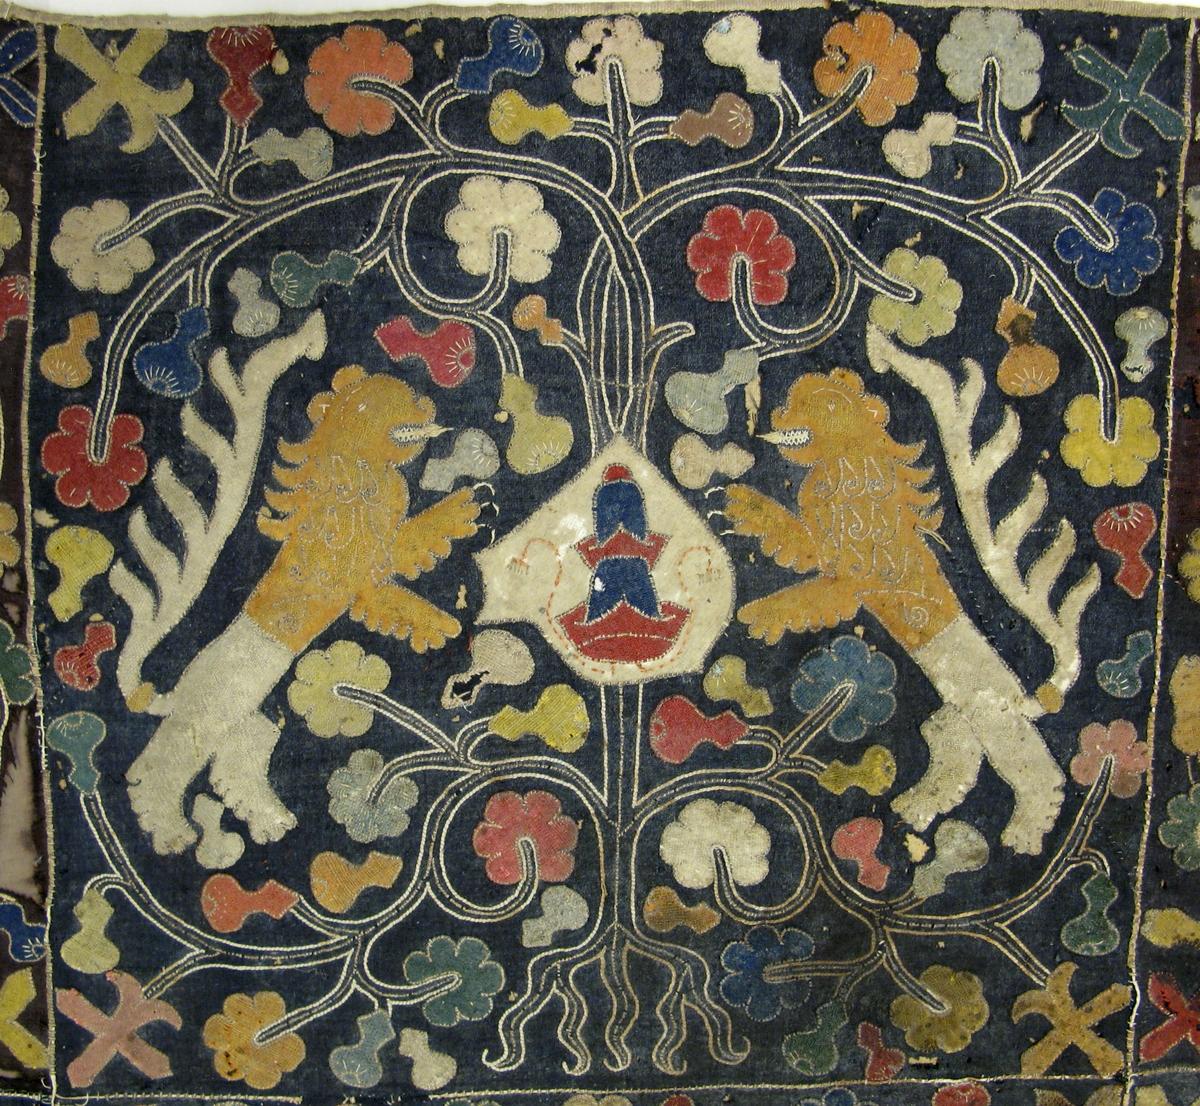 Eventuellt en brudpäll (se nedan) - en större applikation av olikfärgade kypertvävda ylletyger, bestående av tolv kant i kant hopsydda kvadrater i rödbrunt, blått eller svart.  Alla kvadraterna har applicerade motiv av två olika vapensköldar (varannan kvadrat) flankerade av två motställda stående lejon med röda eller senapsgula överkroppar, omgivna av träd med krona och rötter samt olikfärgade växter och blad. Lejonen är i relief med linblånor som stoppning. Alla färgerna är fortfarande mestadels klara. All teckning är utförd med ljus lintråd samt med förgyllda smala skinnremsor, båda nersydda med läggsömmar. Förgyllningen på skinnremsorna har till stora delar försvunnit. Alla skarvar emellan kvadraterna är täckta med samma förgyllda skinnremsor. Hela textilen är fodrad med tuskaftvävd linneväv vari broderierna är nersydda, Enlig Branting/Lindblom (1928:60) är applikationen eventuellt en brudpäll på grund av de båda vapensköldarna - en med tre gula rosor inuti blå rand (Rosenbjelke) samt en med en blå och röd judisk mössa (Kruse av Elghammar).  Osäkert om detta stämmer då det inte går att bekräfta i modernare forskning om adelsvapen.